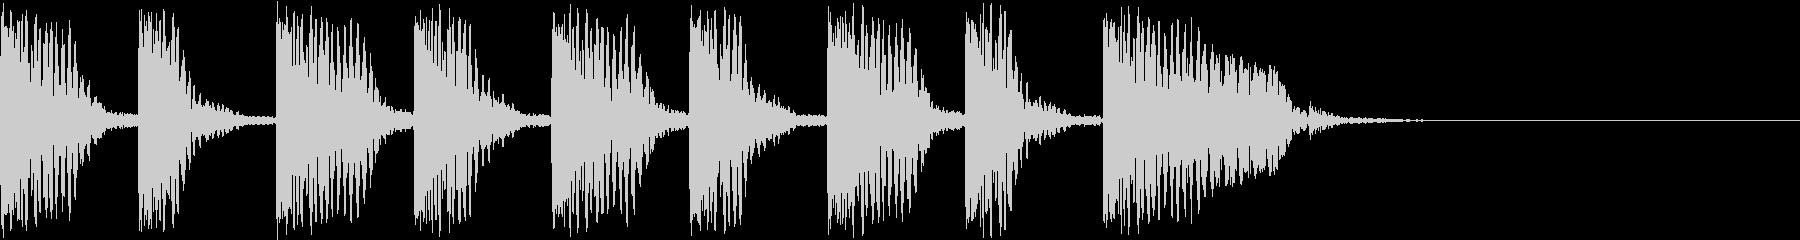 バババババババドスの未再生の波形